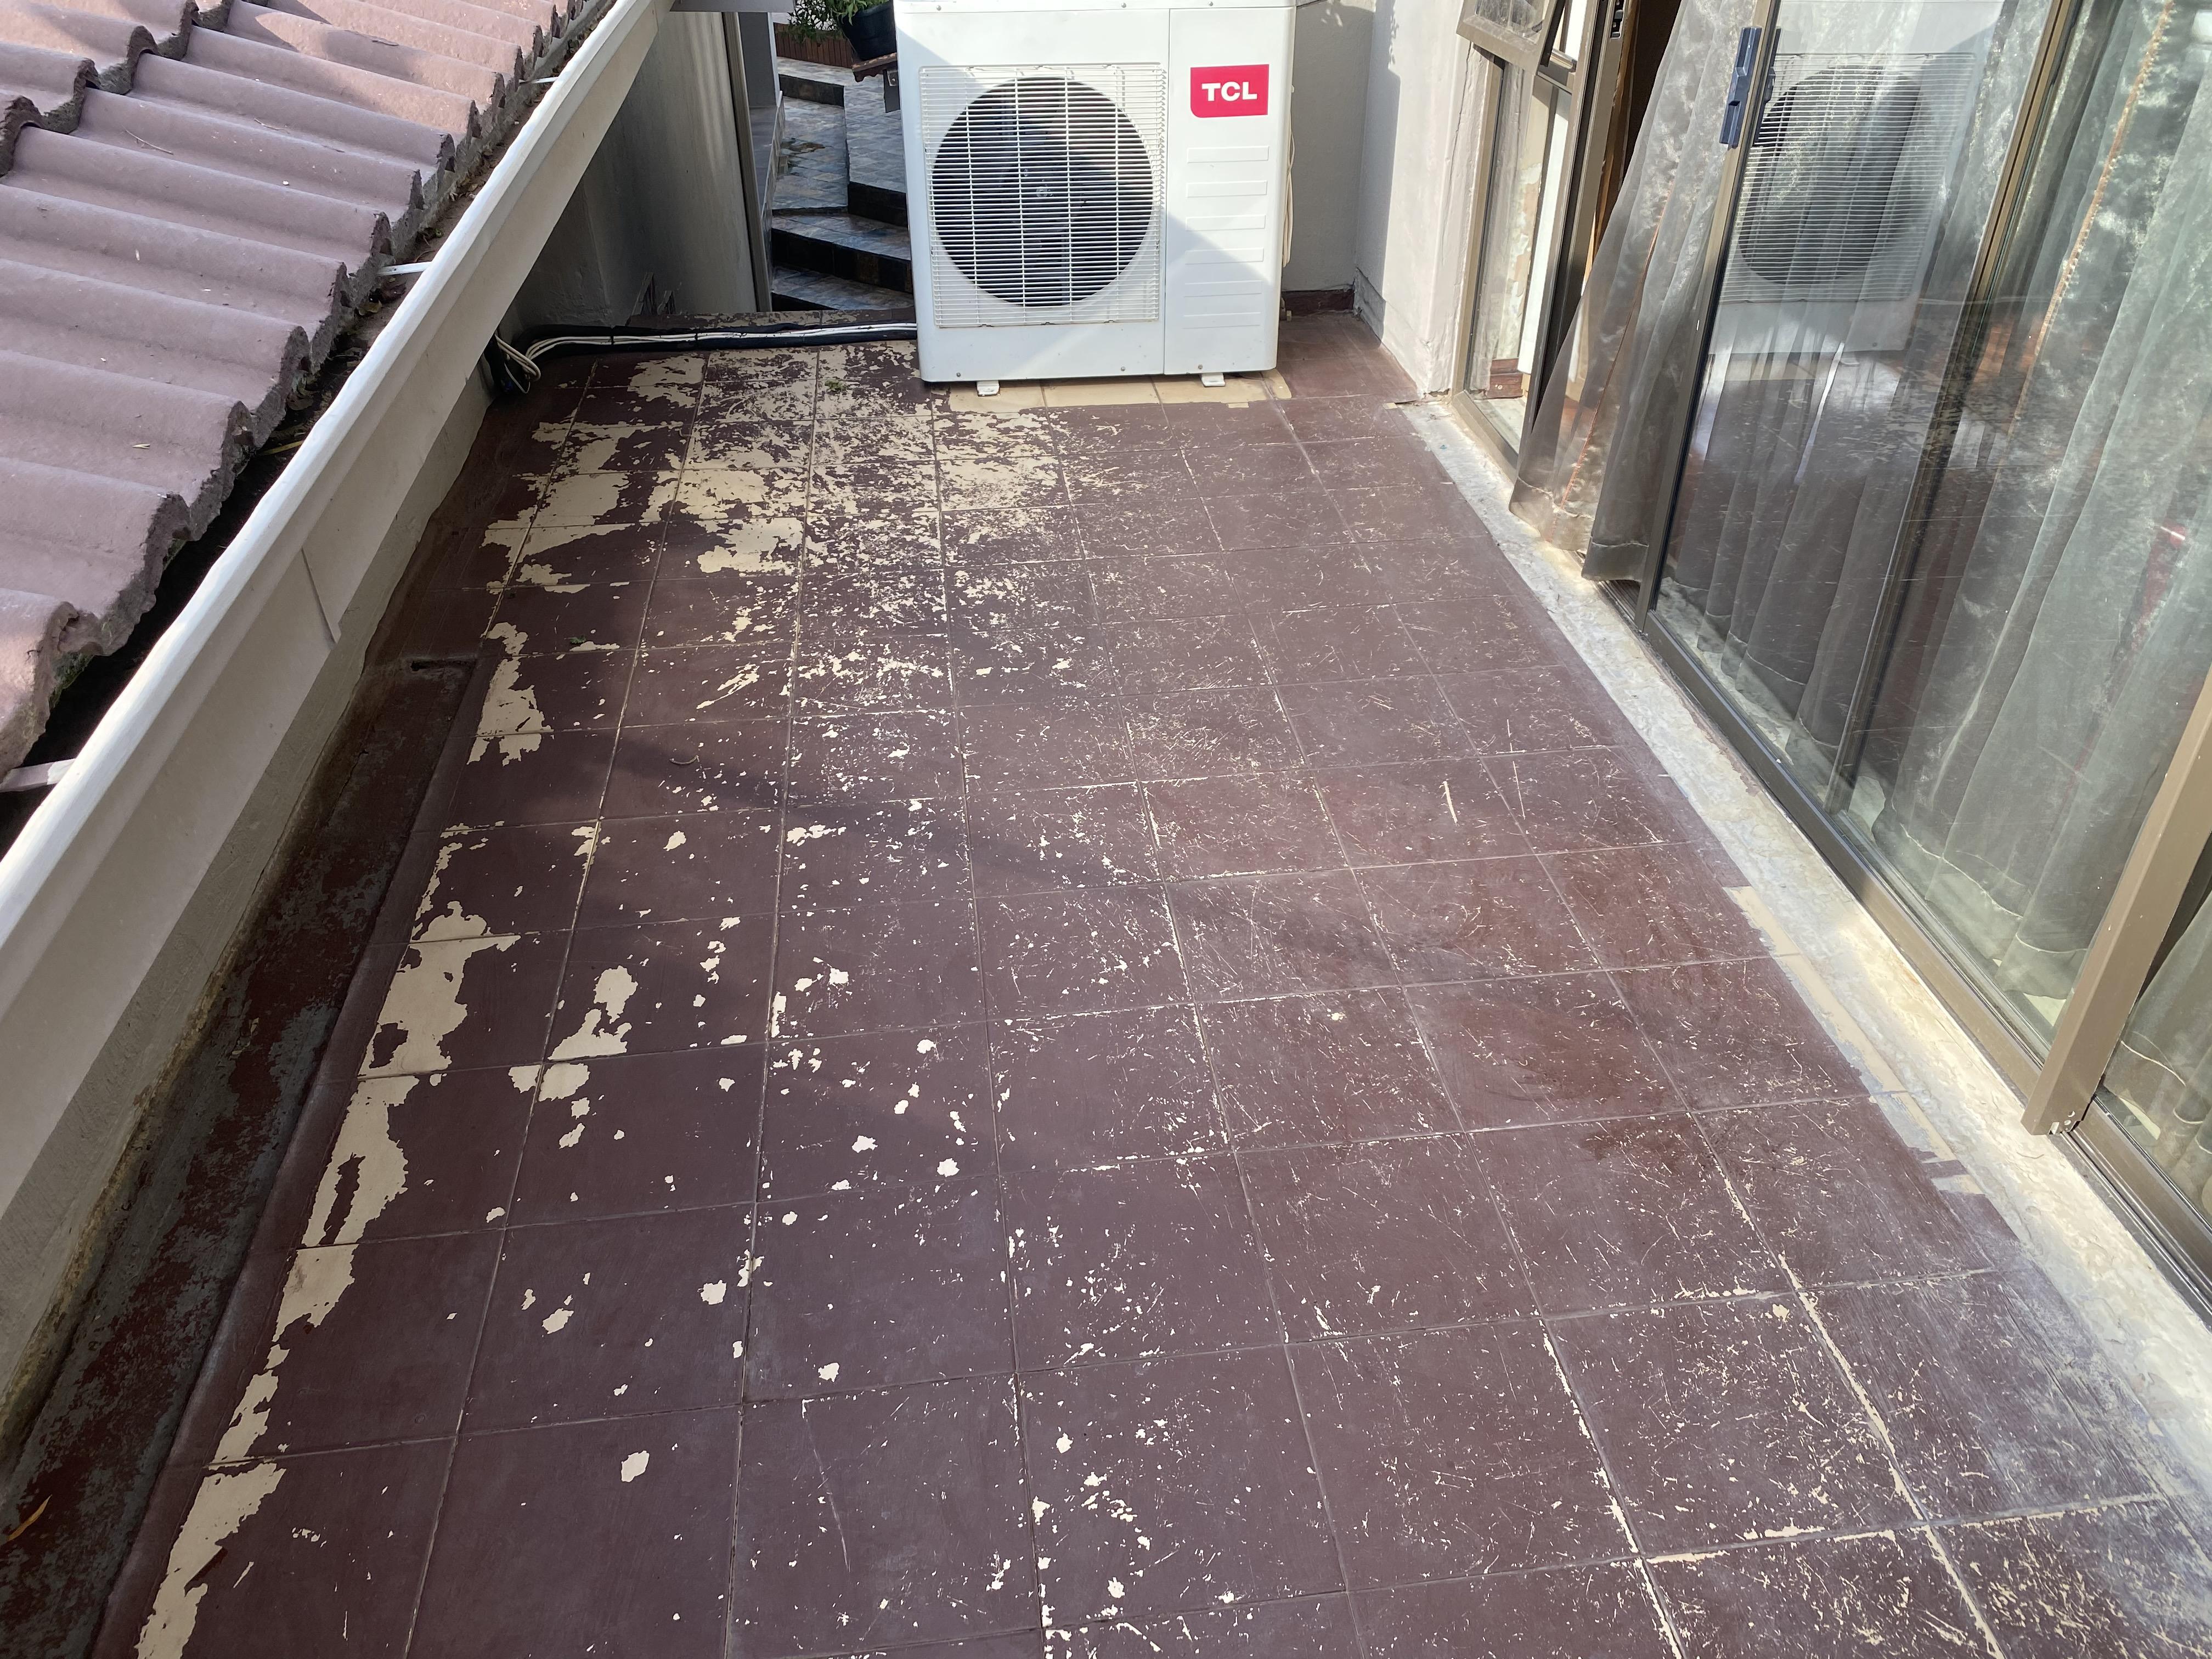 Soon to be Pebble Patio - Pebble Veranda - Pebble sitting area - Protective roof cover - Pebbled Balcony - Pebbles - PebbleKote